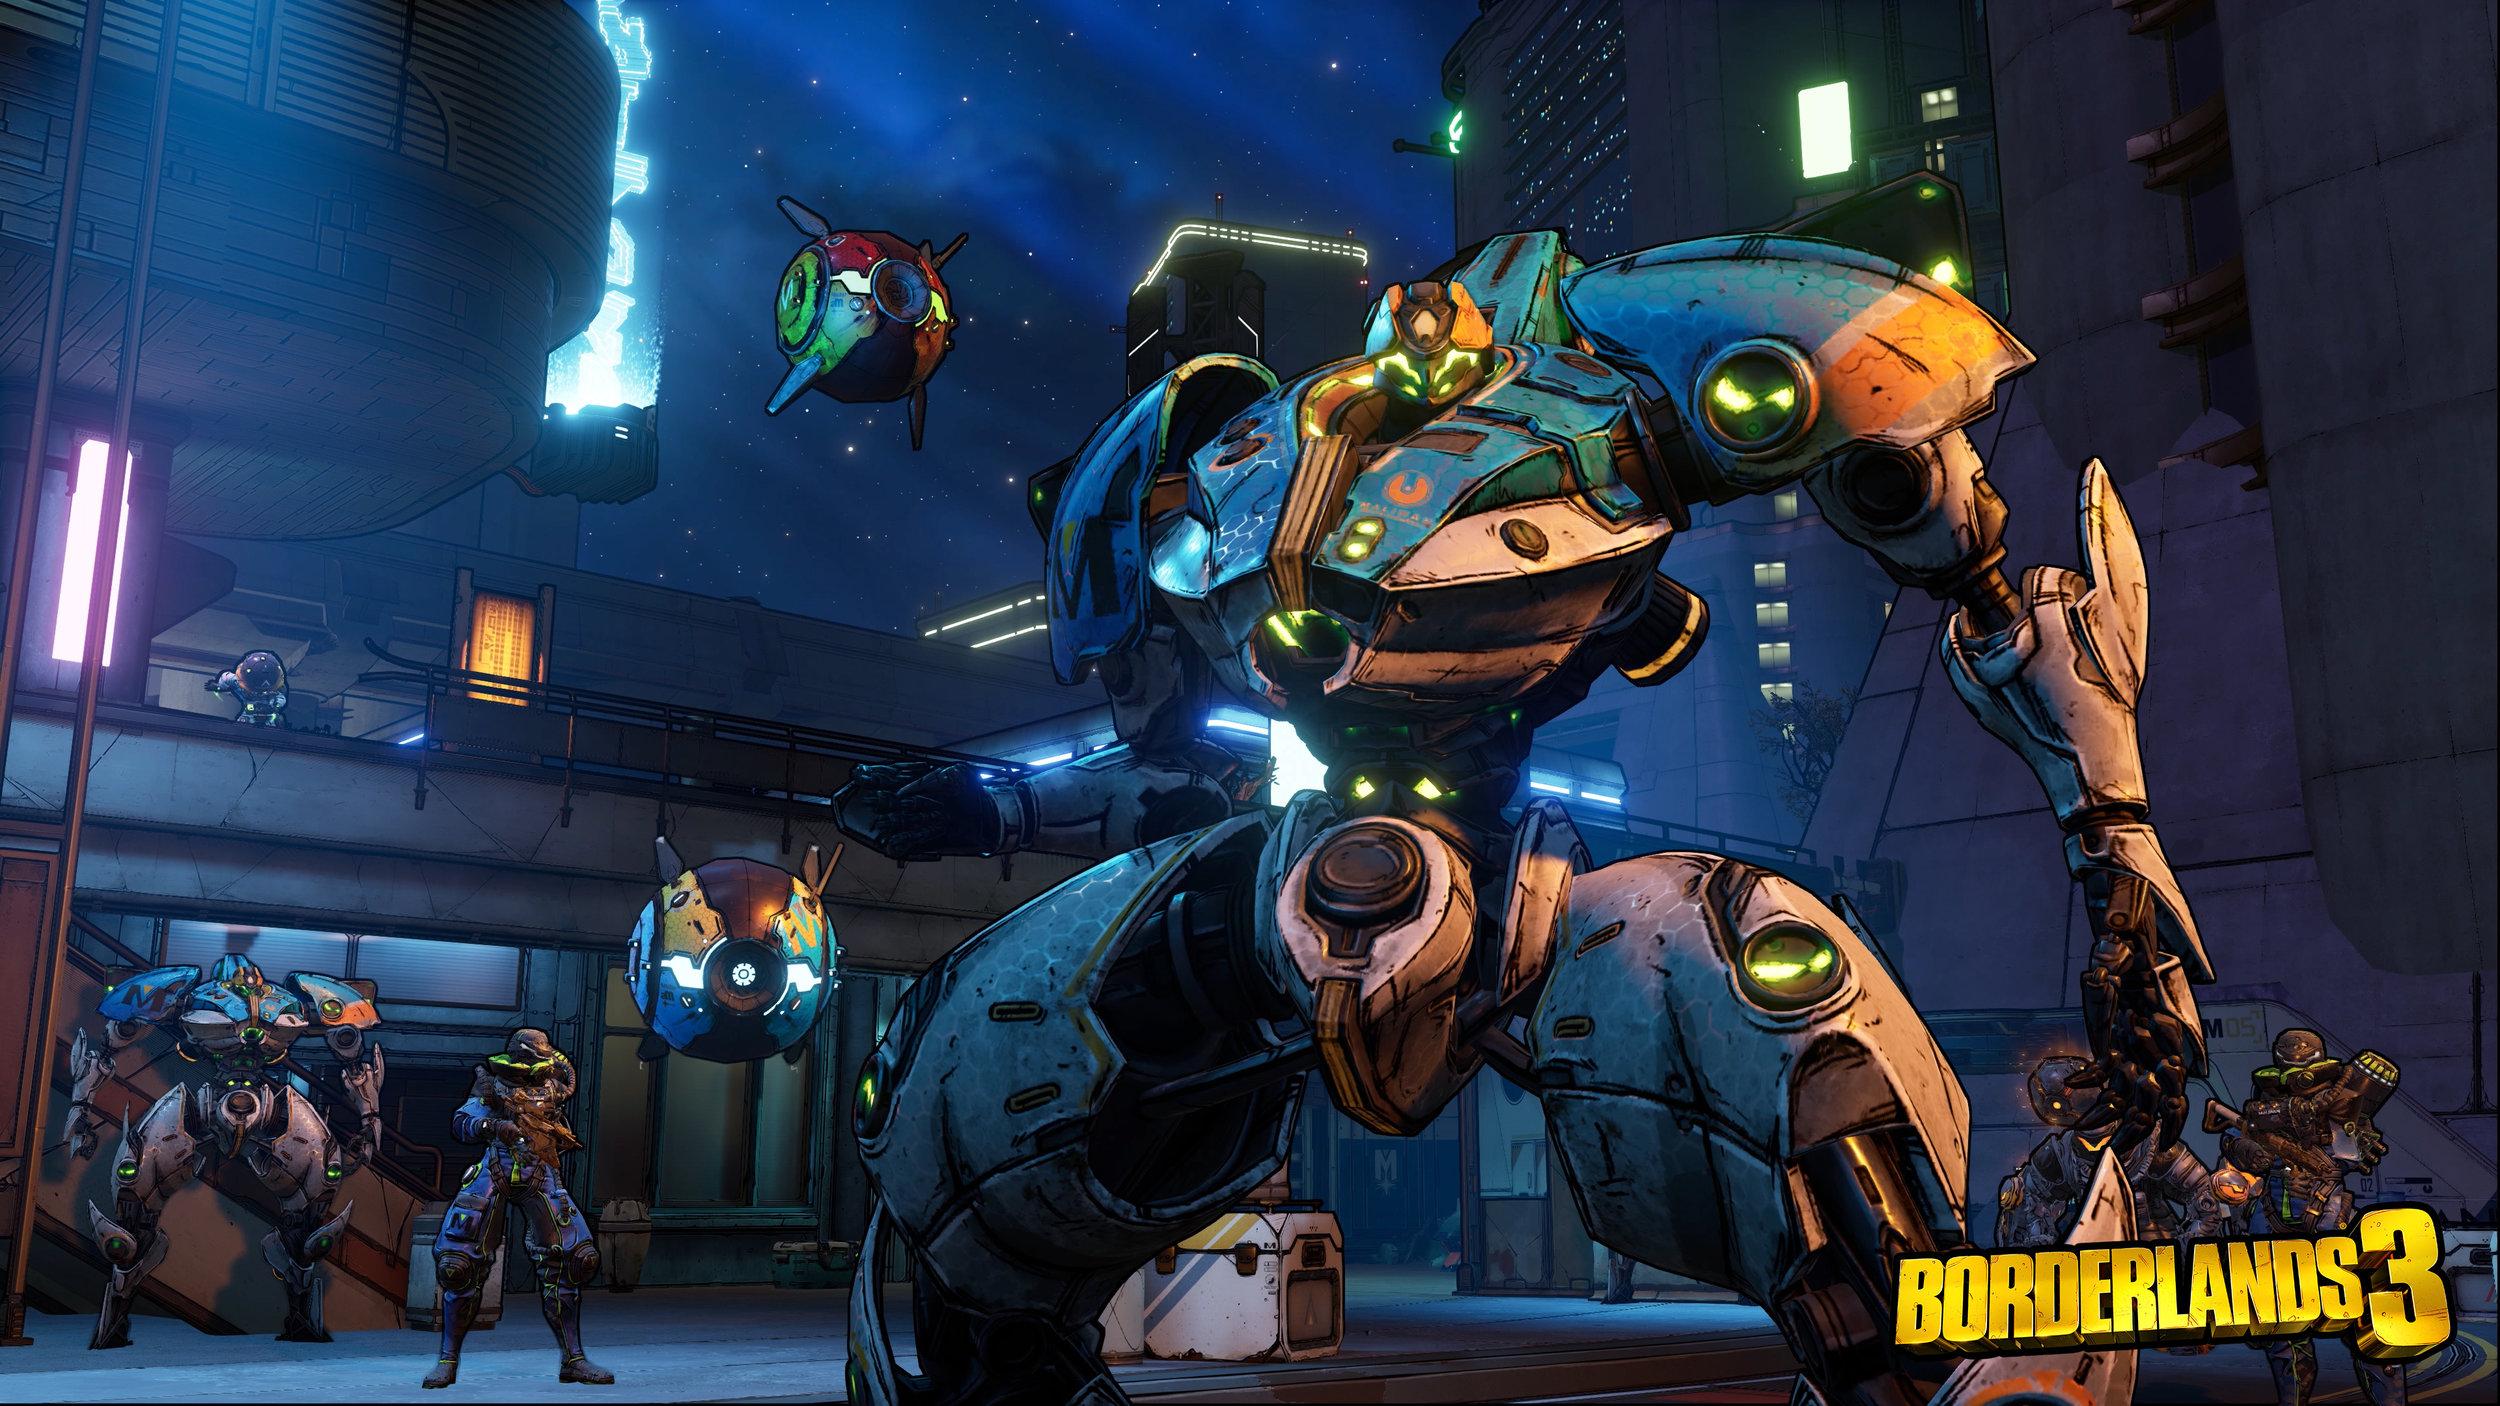 Borderlands 3 - Gearbox - 2K Games